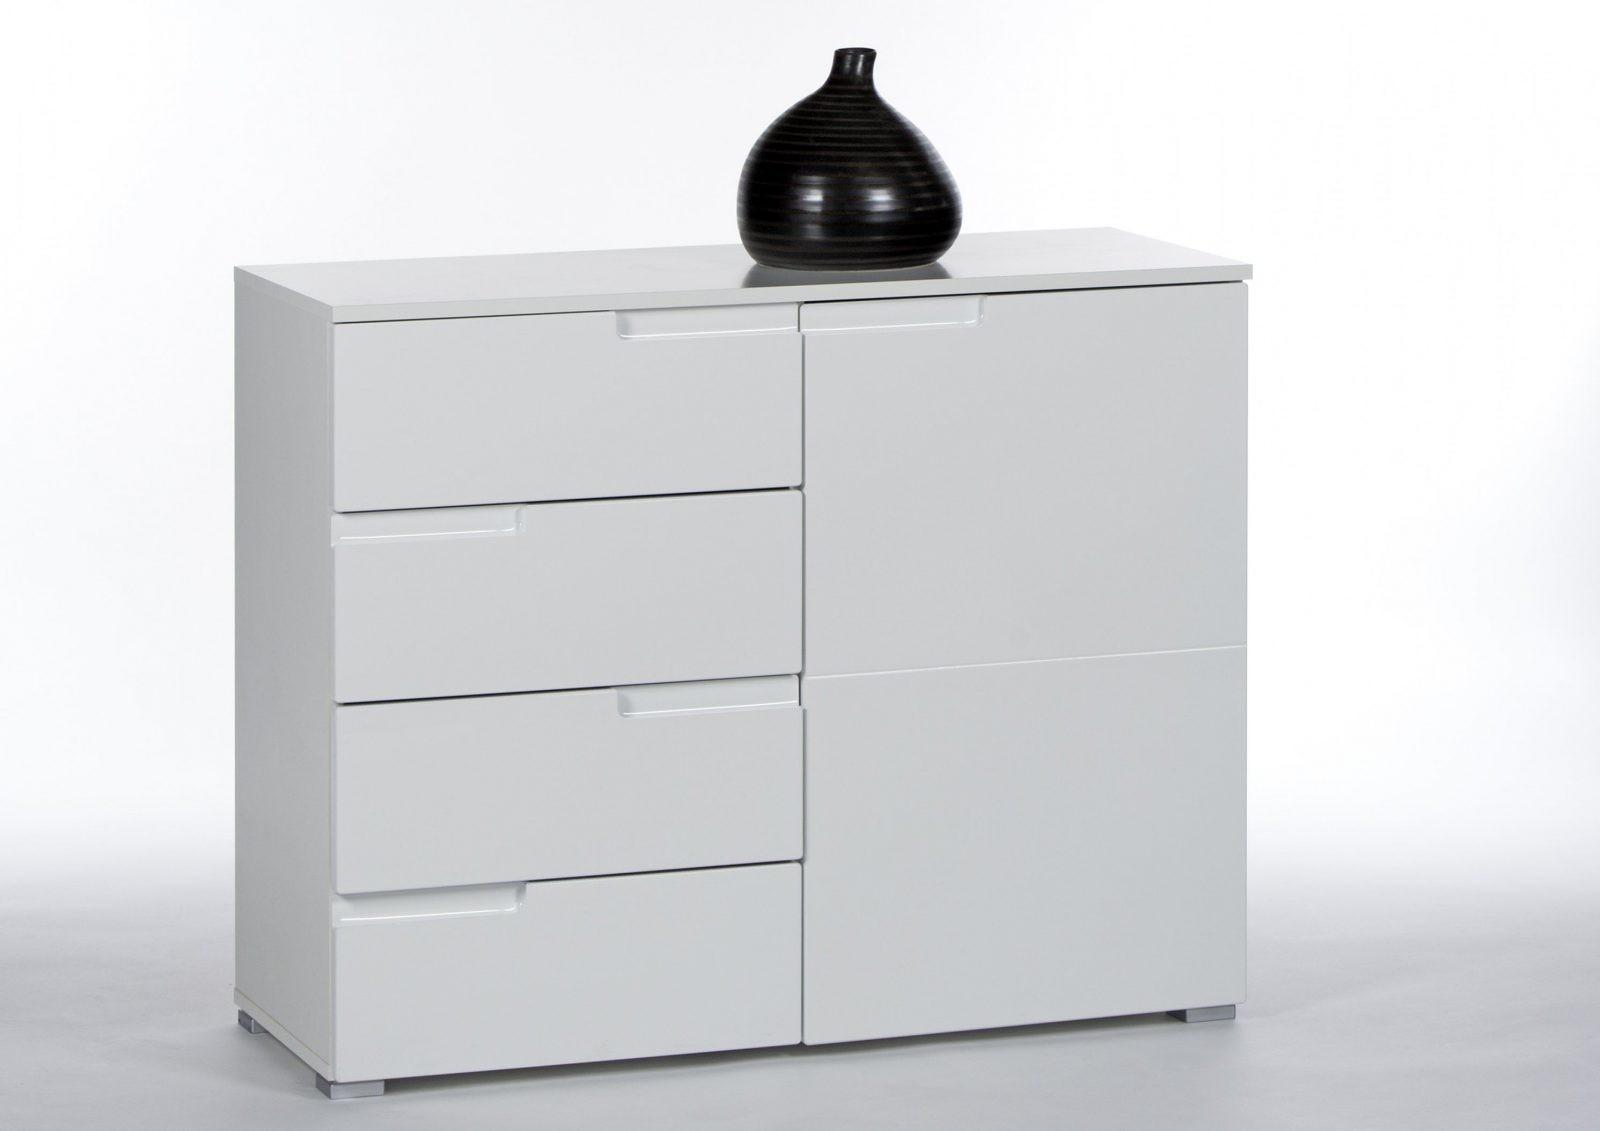 Kommode Hochglanz Weiss Mit 1 Tür Und 4 Schubkästen von Kommode Weiß Hochglanz 100 Cm Breit Bild